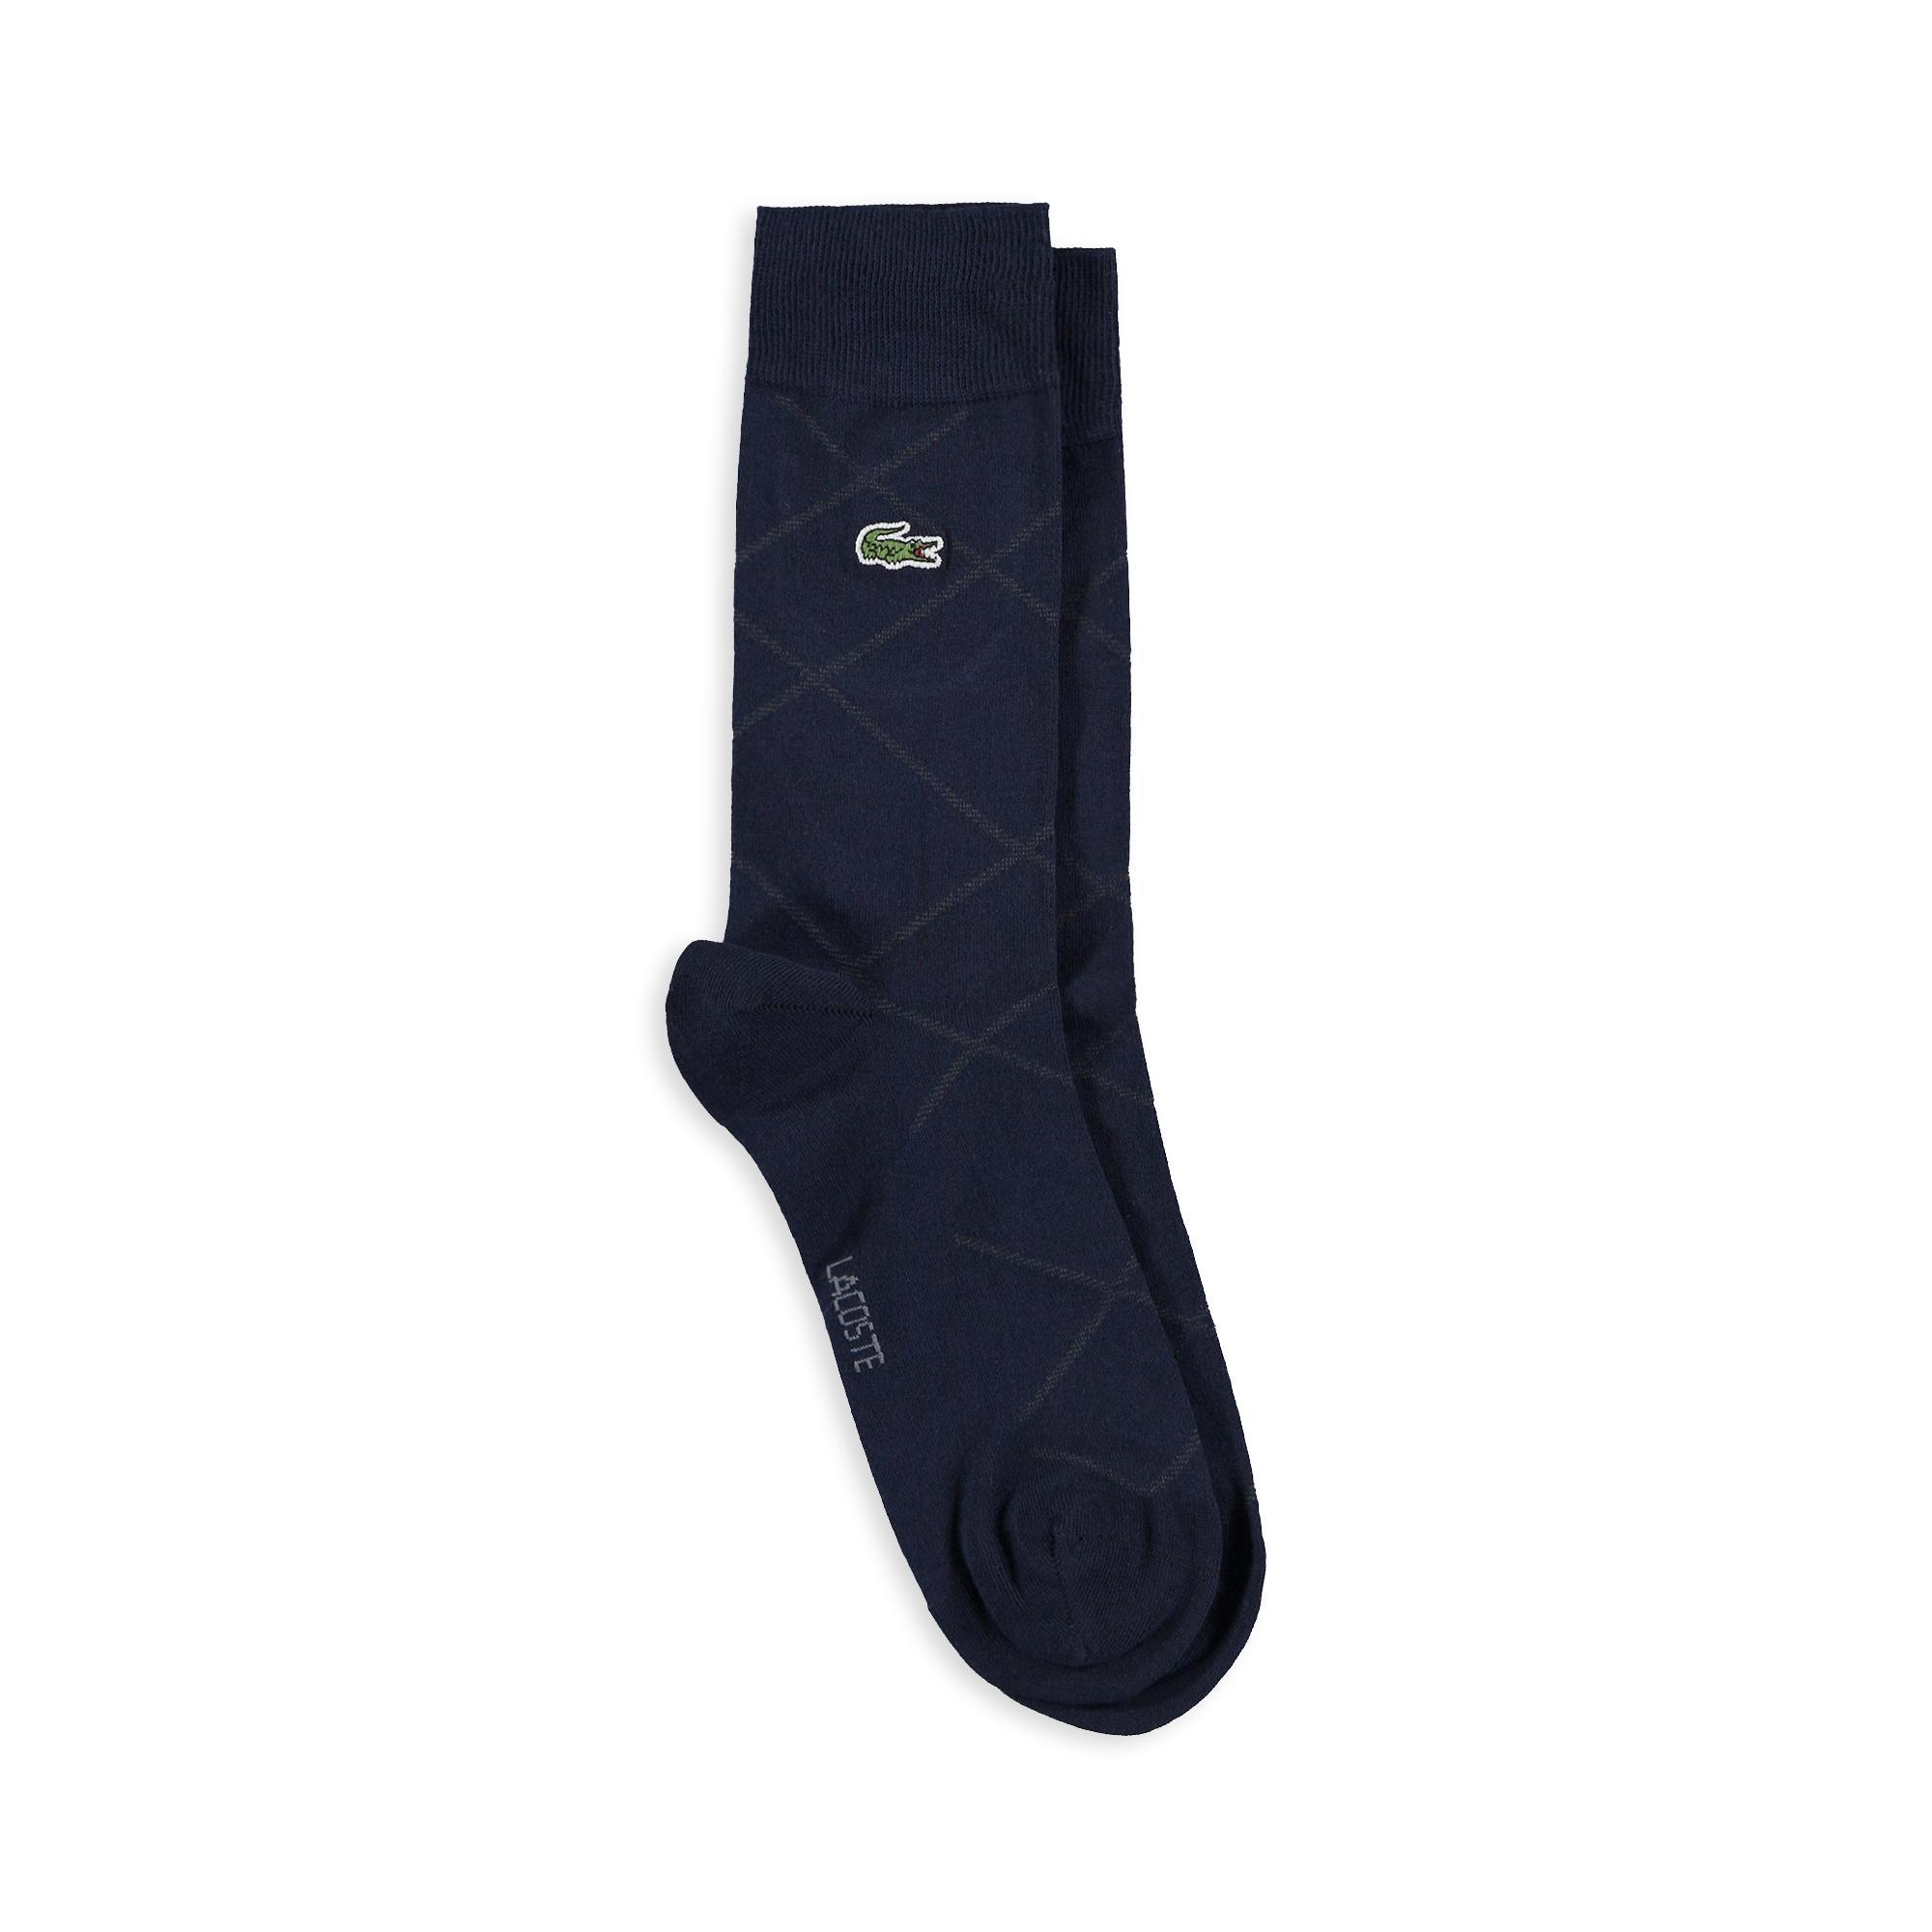 Lacoste Unisex Çizgili Lacivert Çorap